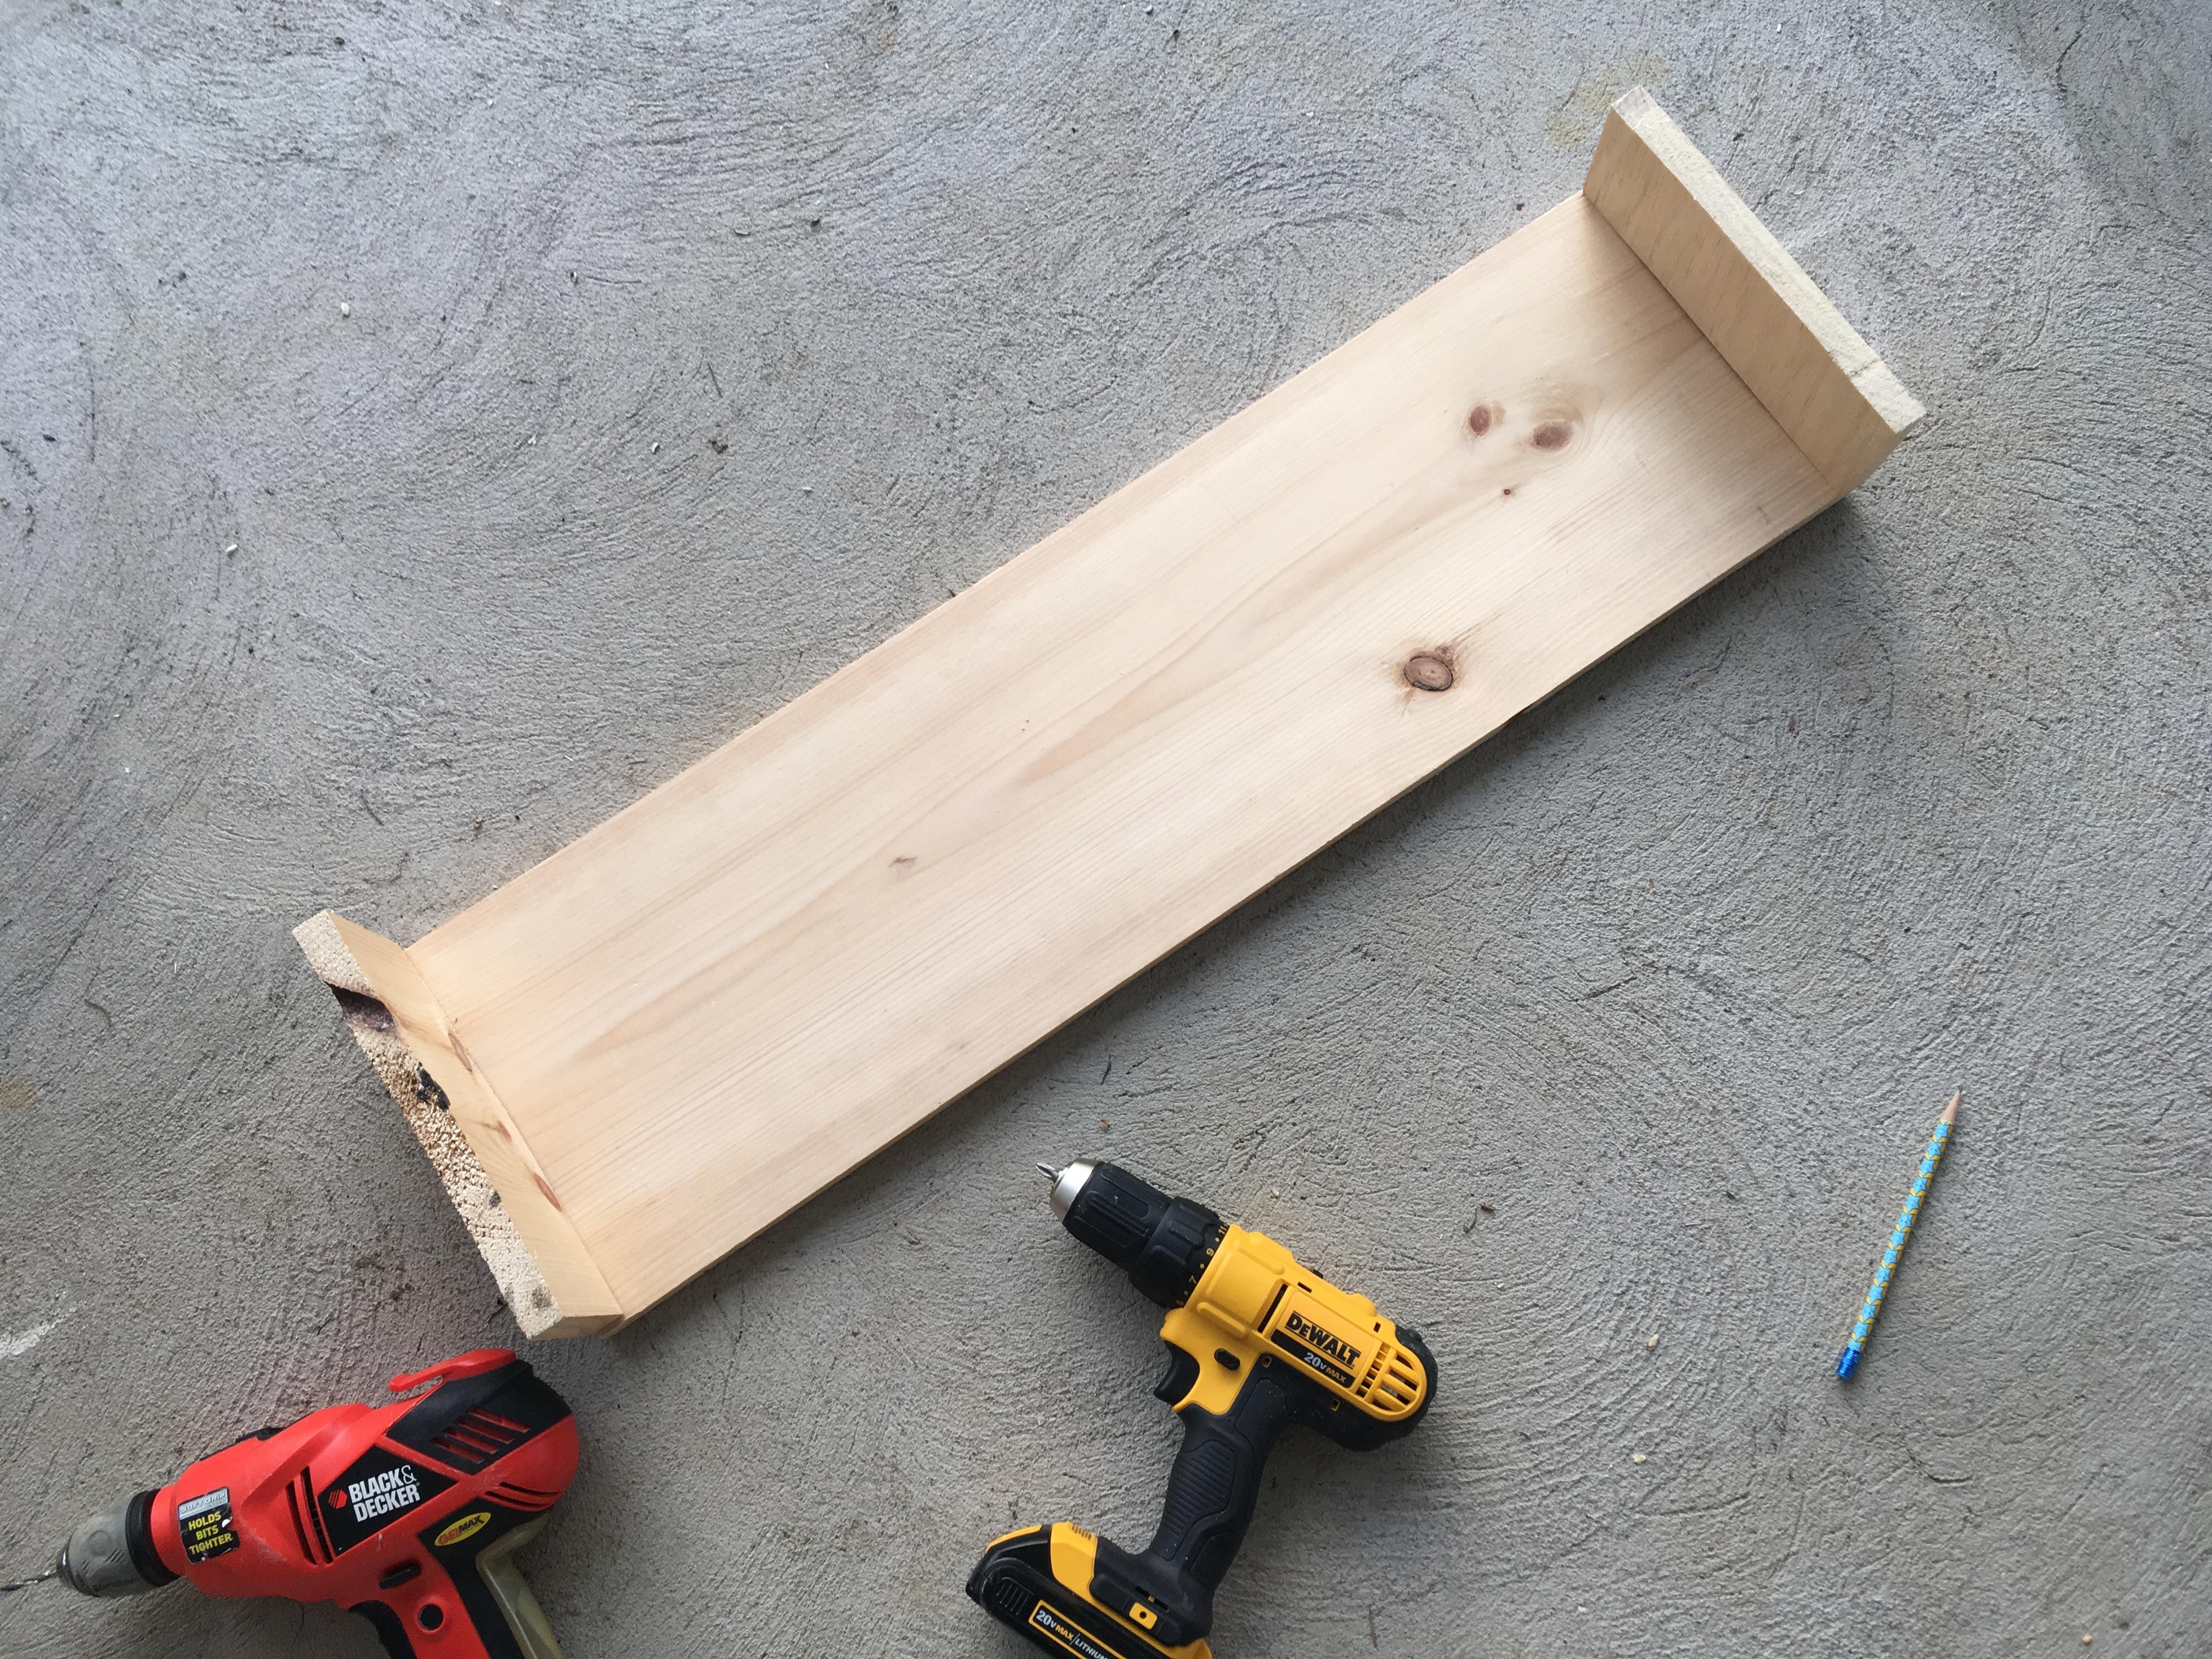 cornice board in progress